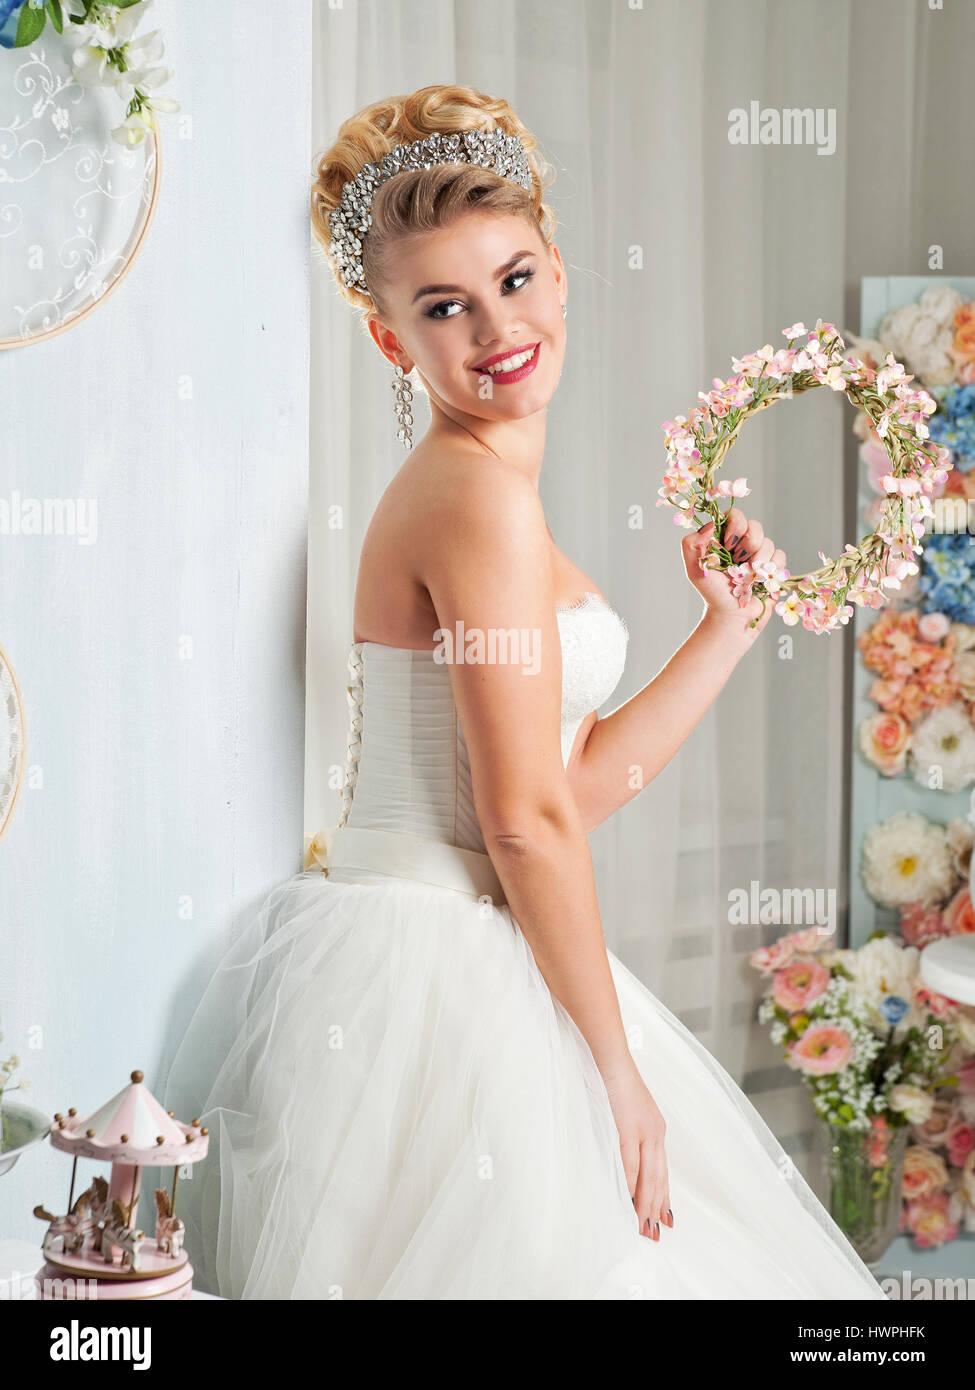 Abiball Geburtstag Hochzeit Make Up Frisur In 67069 Ludwigshafen